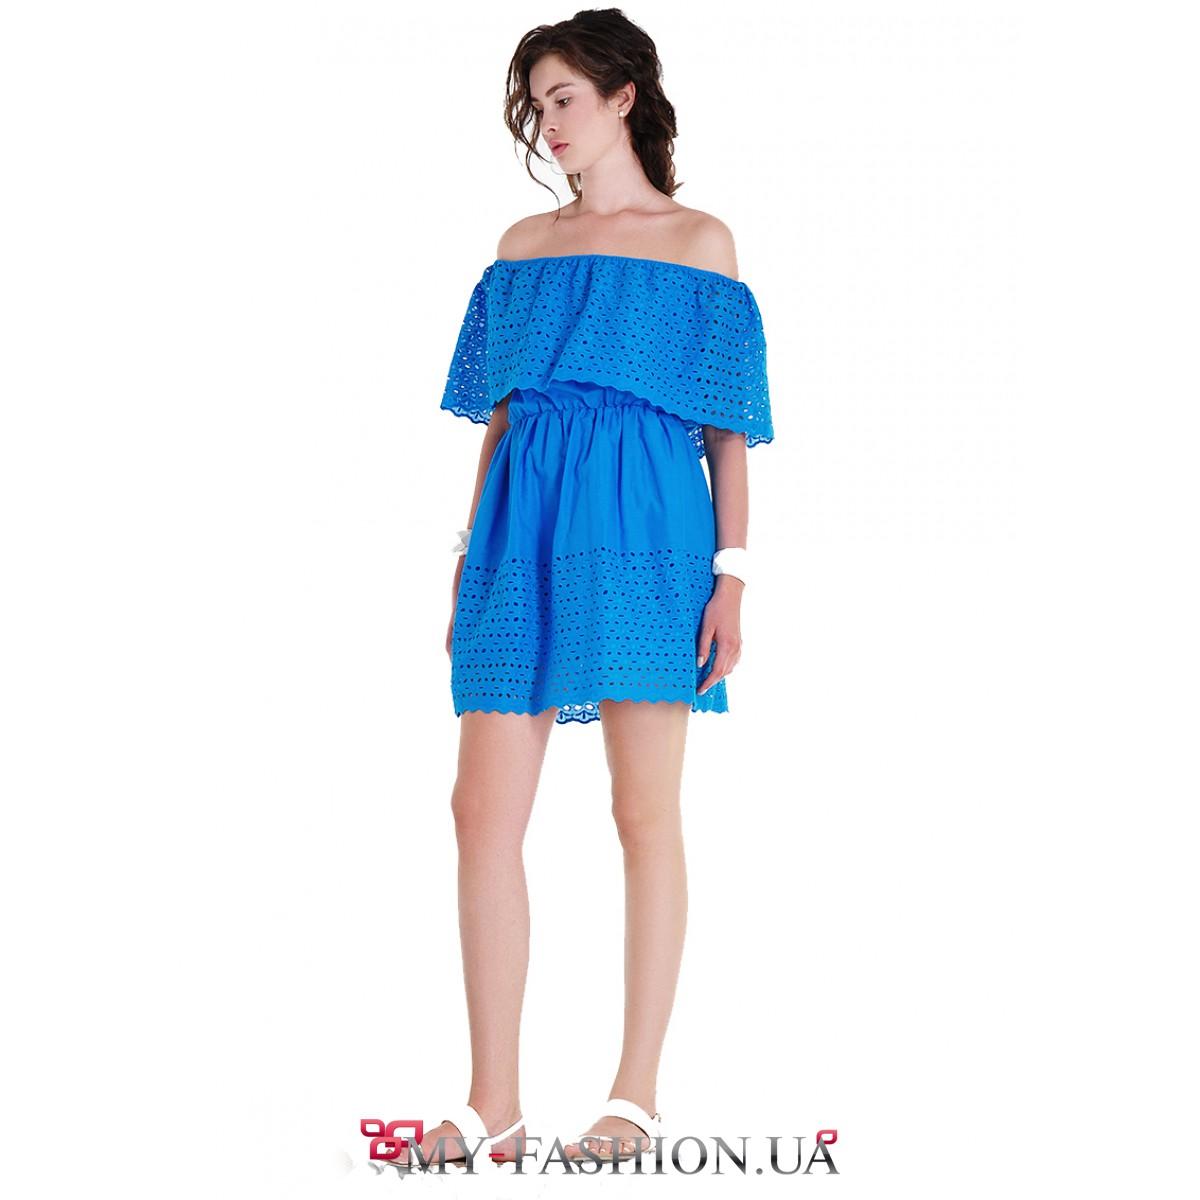 Платье синее с воланом